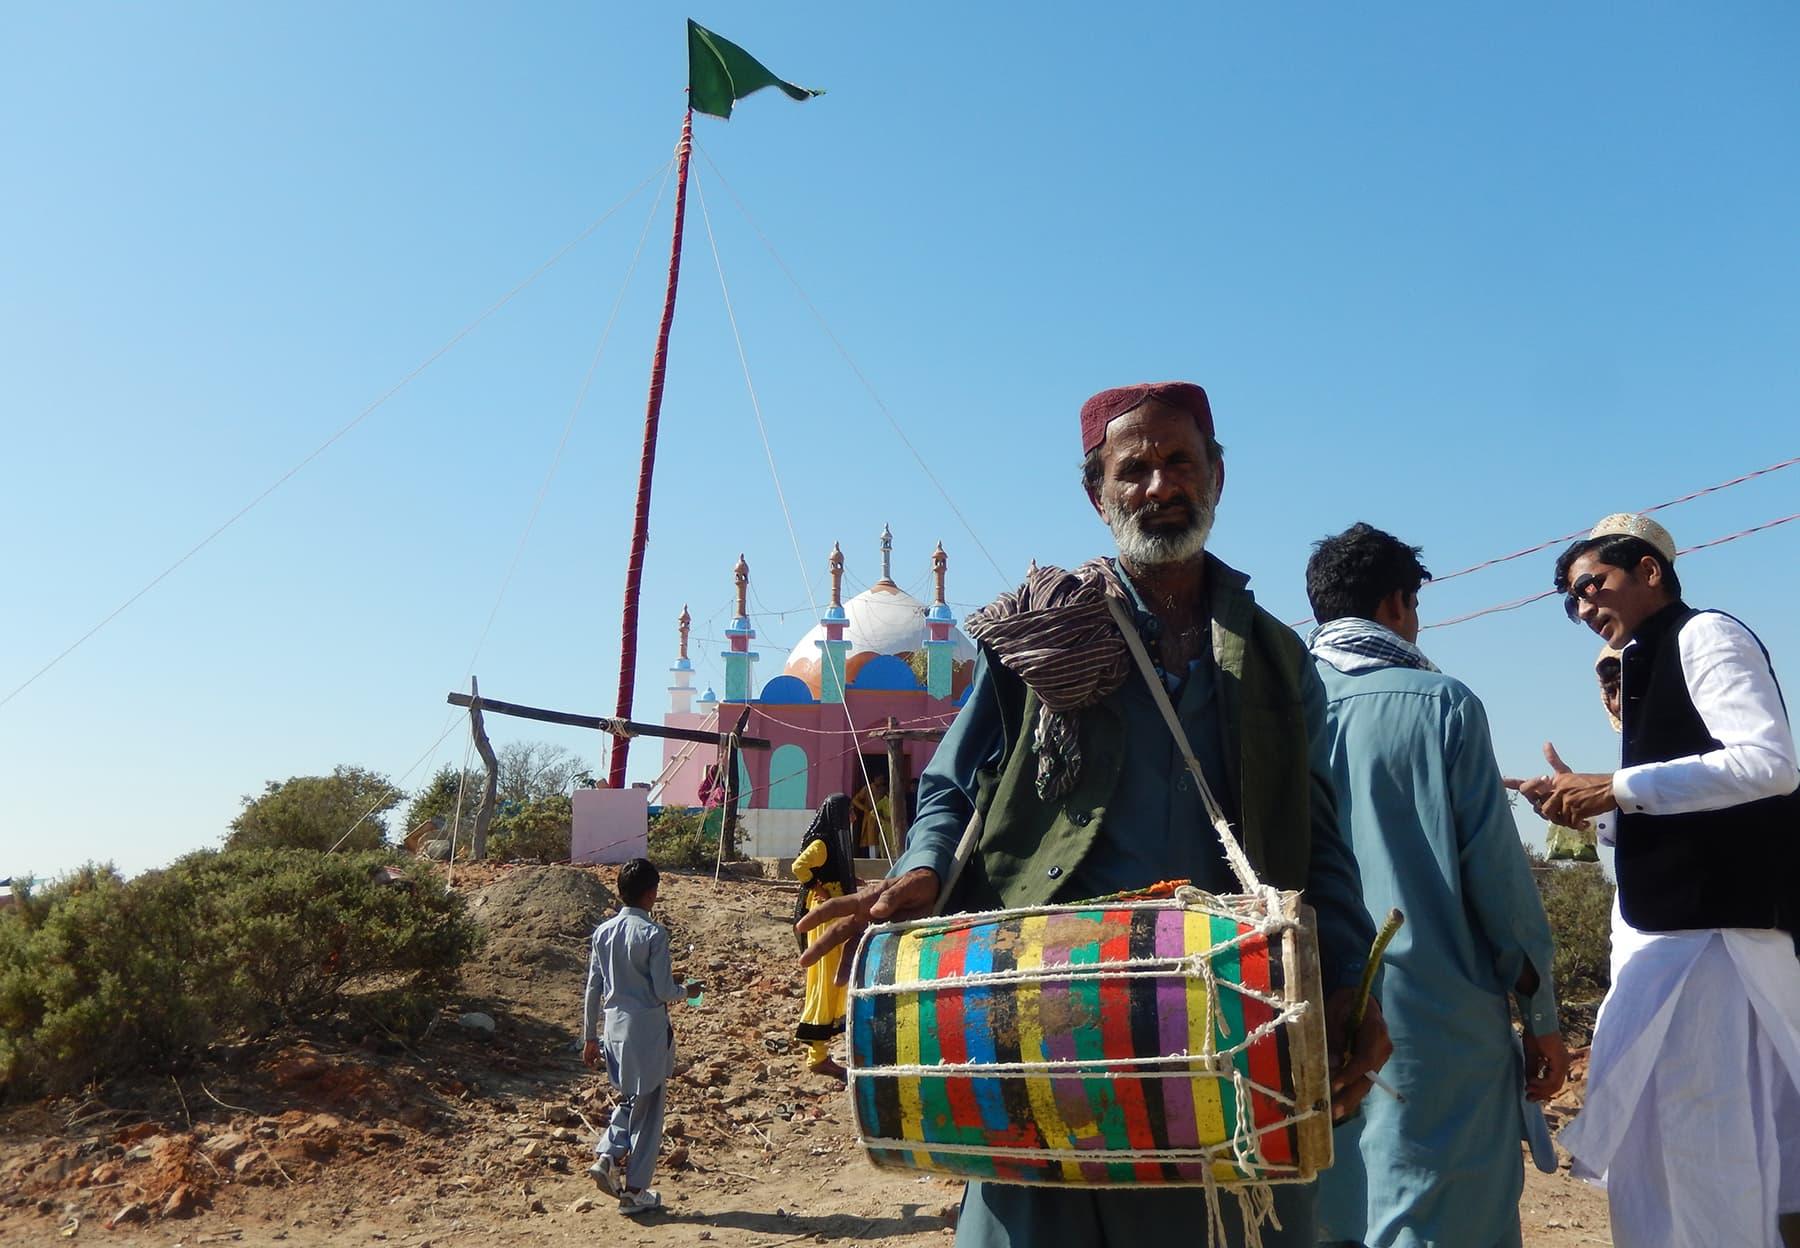 سومرا دور کی درگاہ، جس پر کچھ برس قبل لگنے والا میلہ—تصویر ابوبکر شیخ